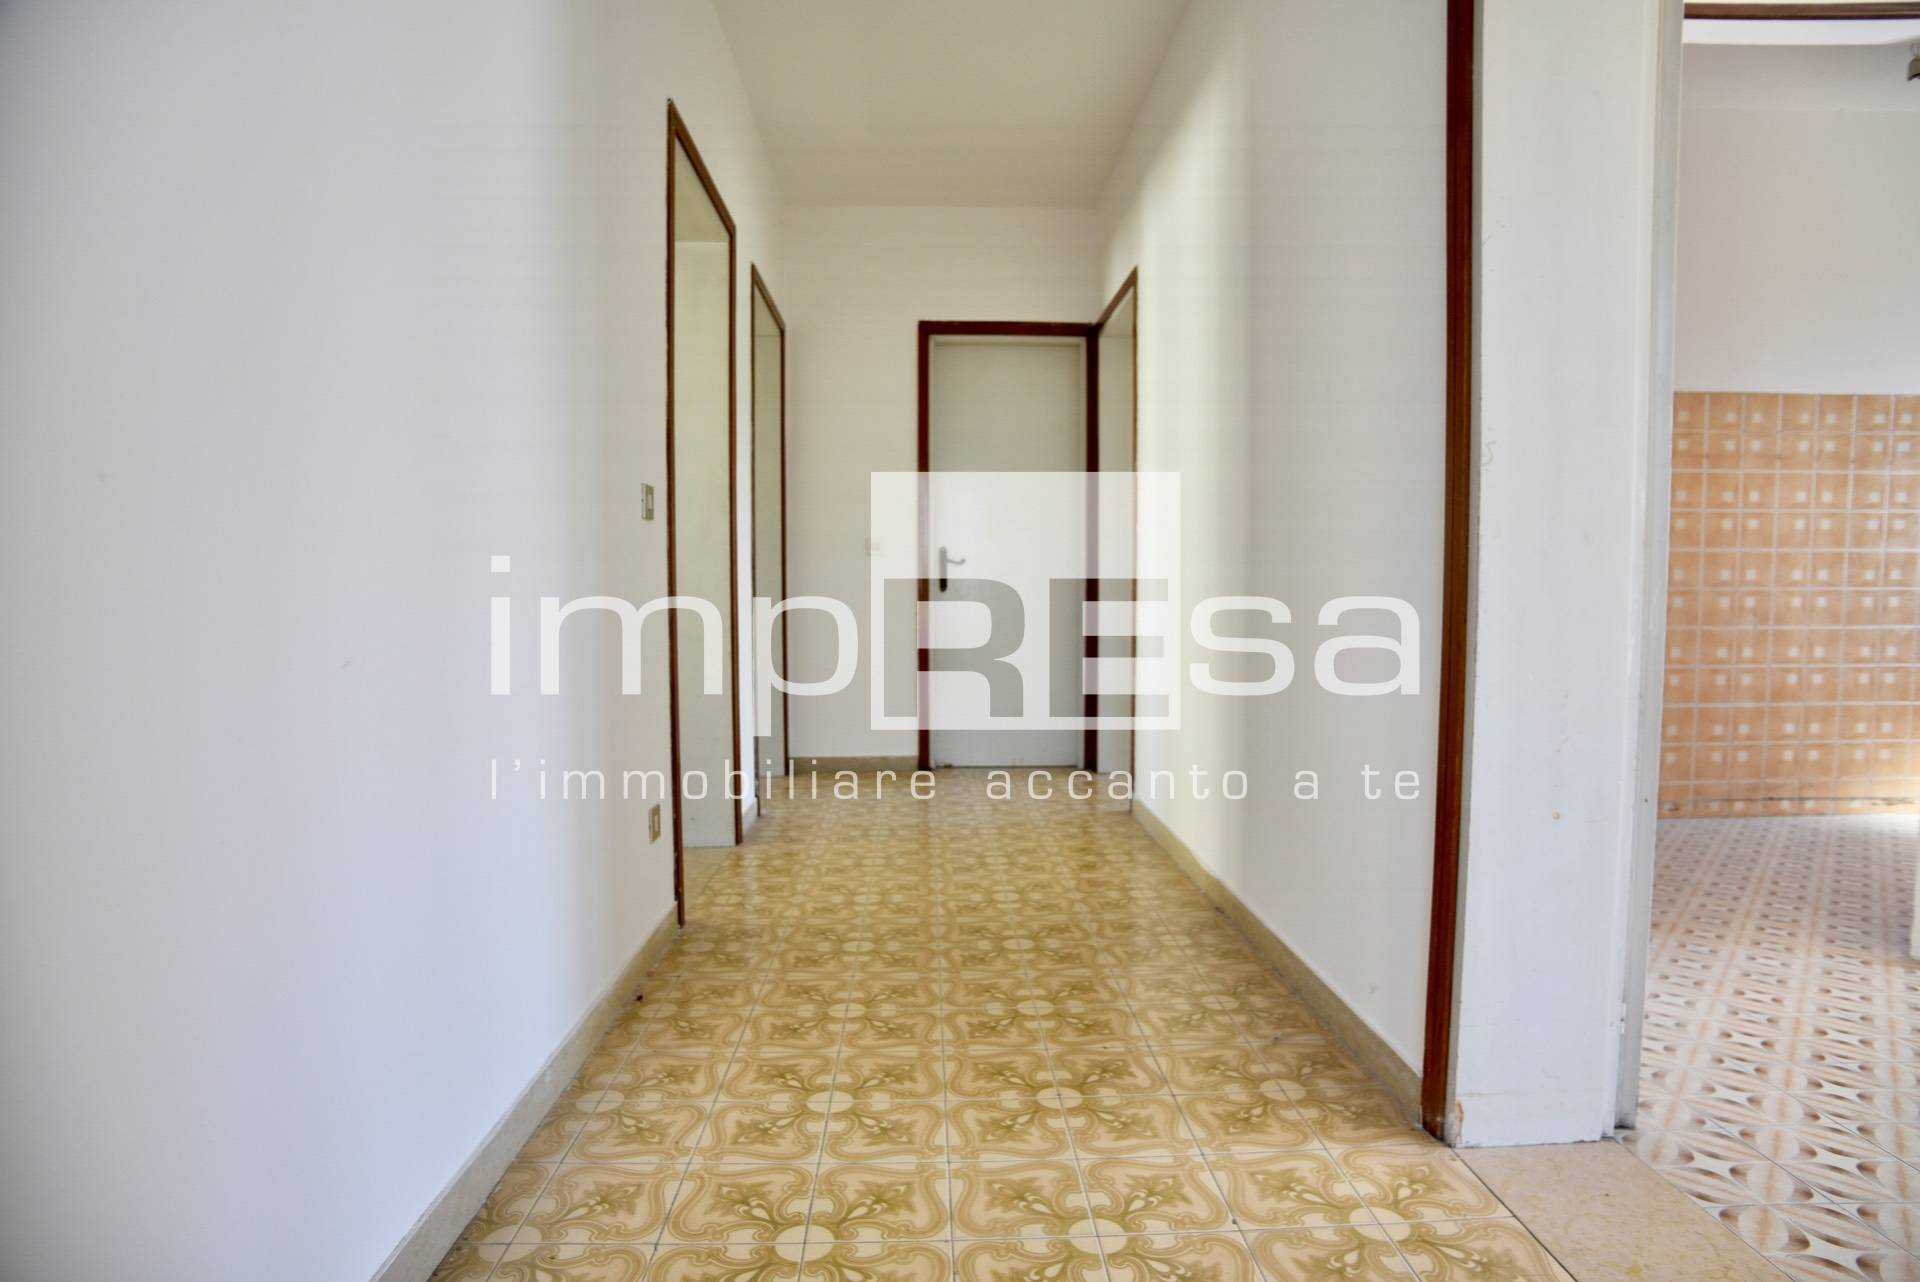 Appartamento in vendita a Treviso, 6 locali, zona Località: Canizzano, prezzo € 107.000   PortaleAgenzieImmobiliari.it